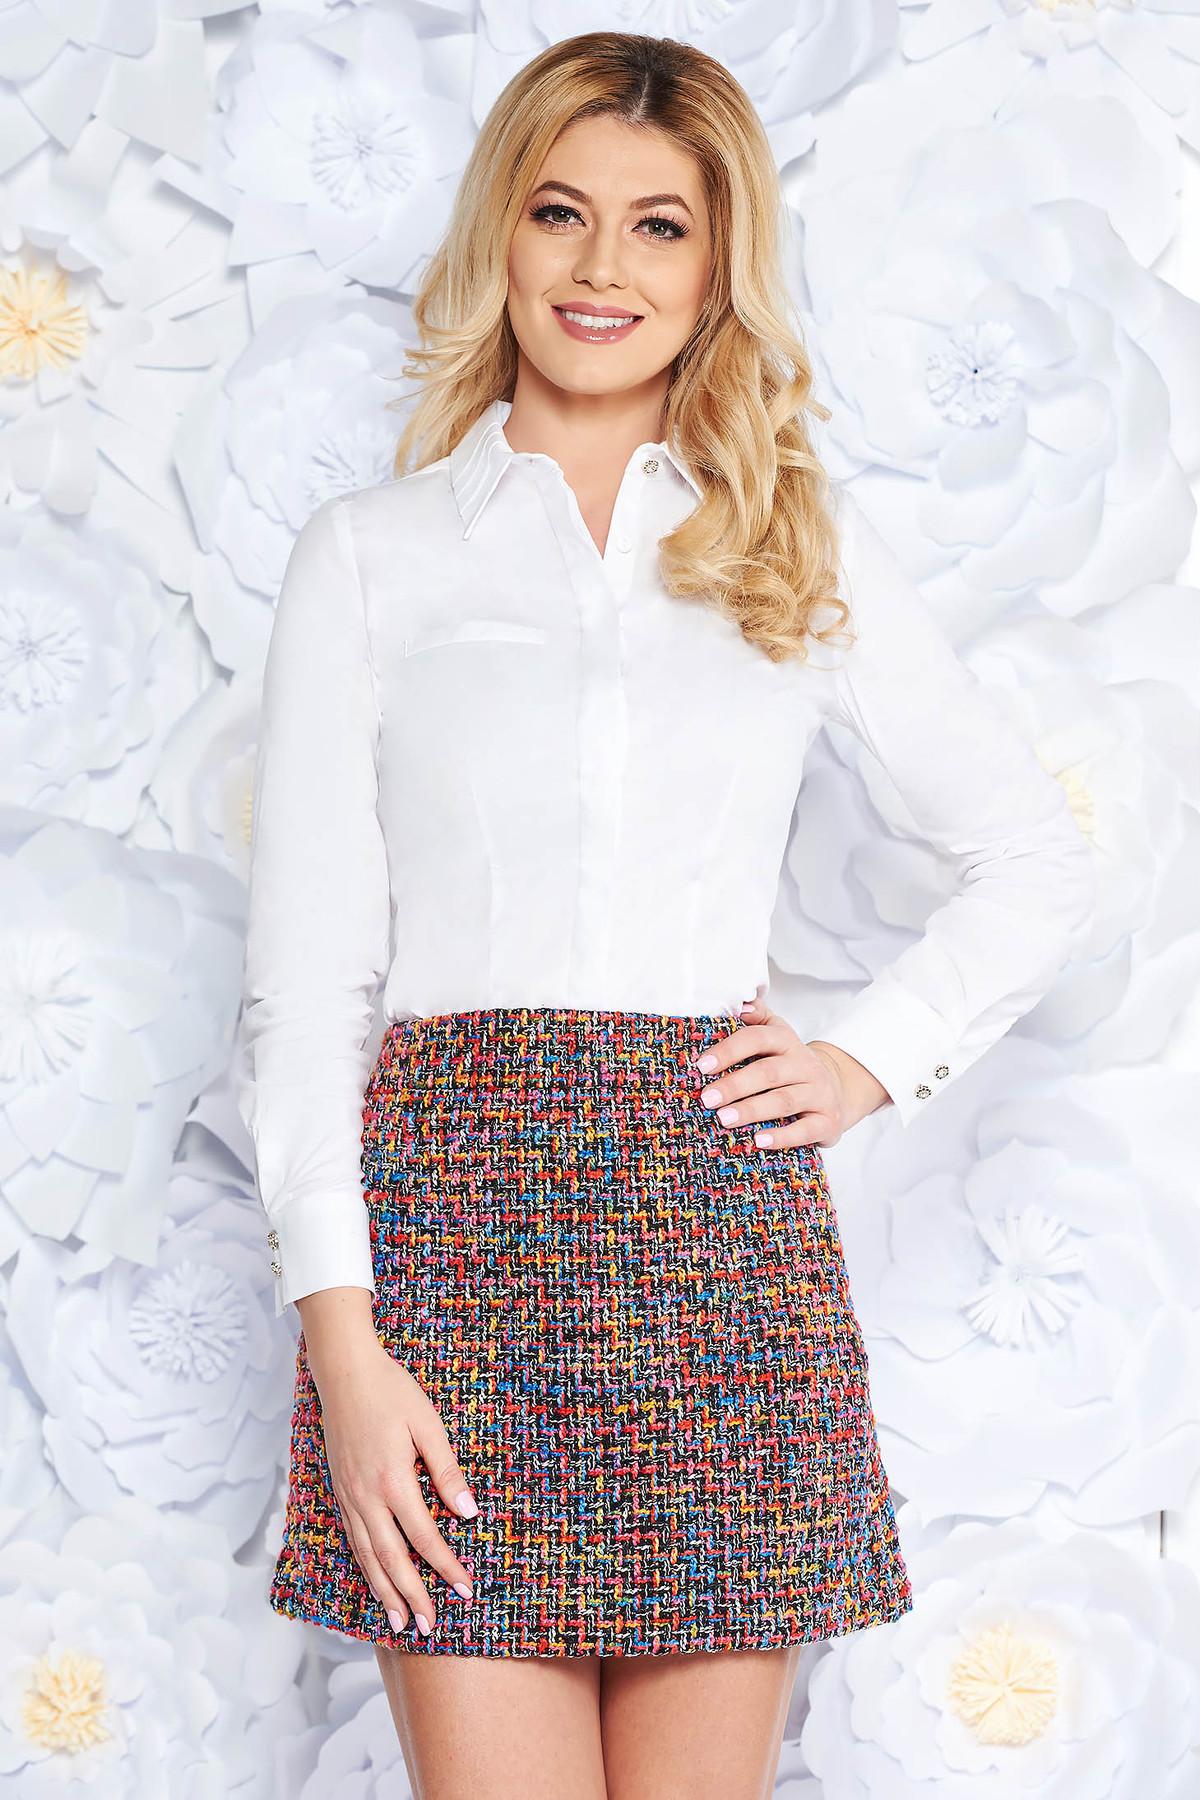 bf74327954 Fehér női ing irodai szűk szabás enyhén elasztikus pamut hosszú ujjak